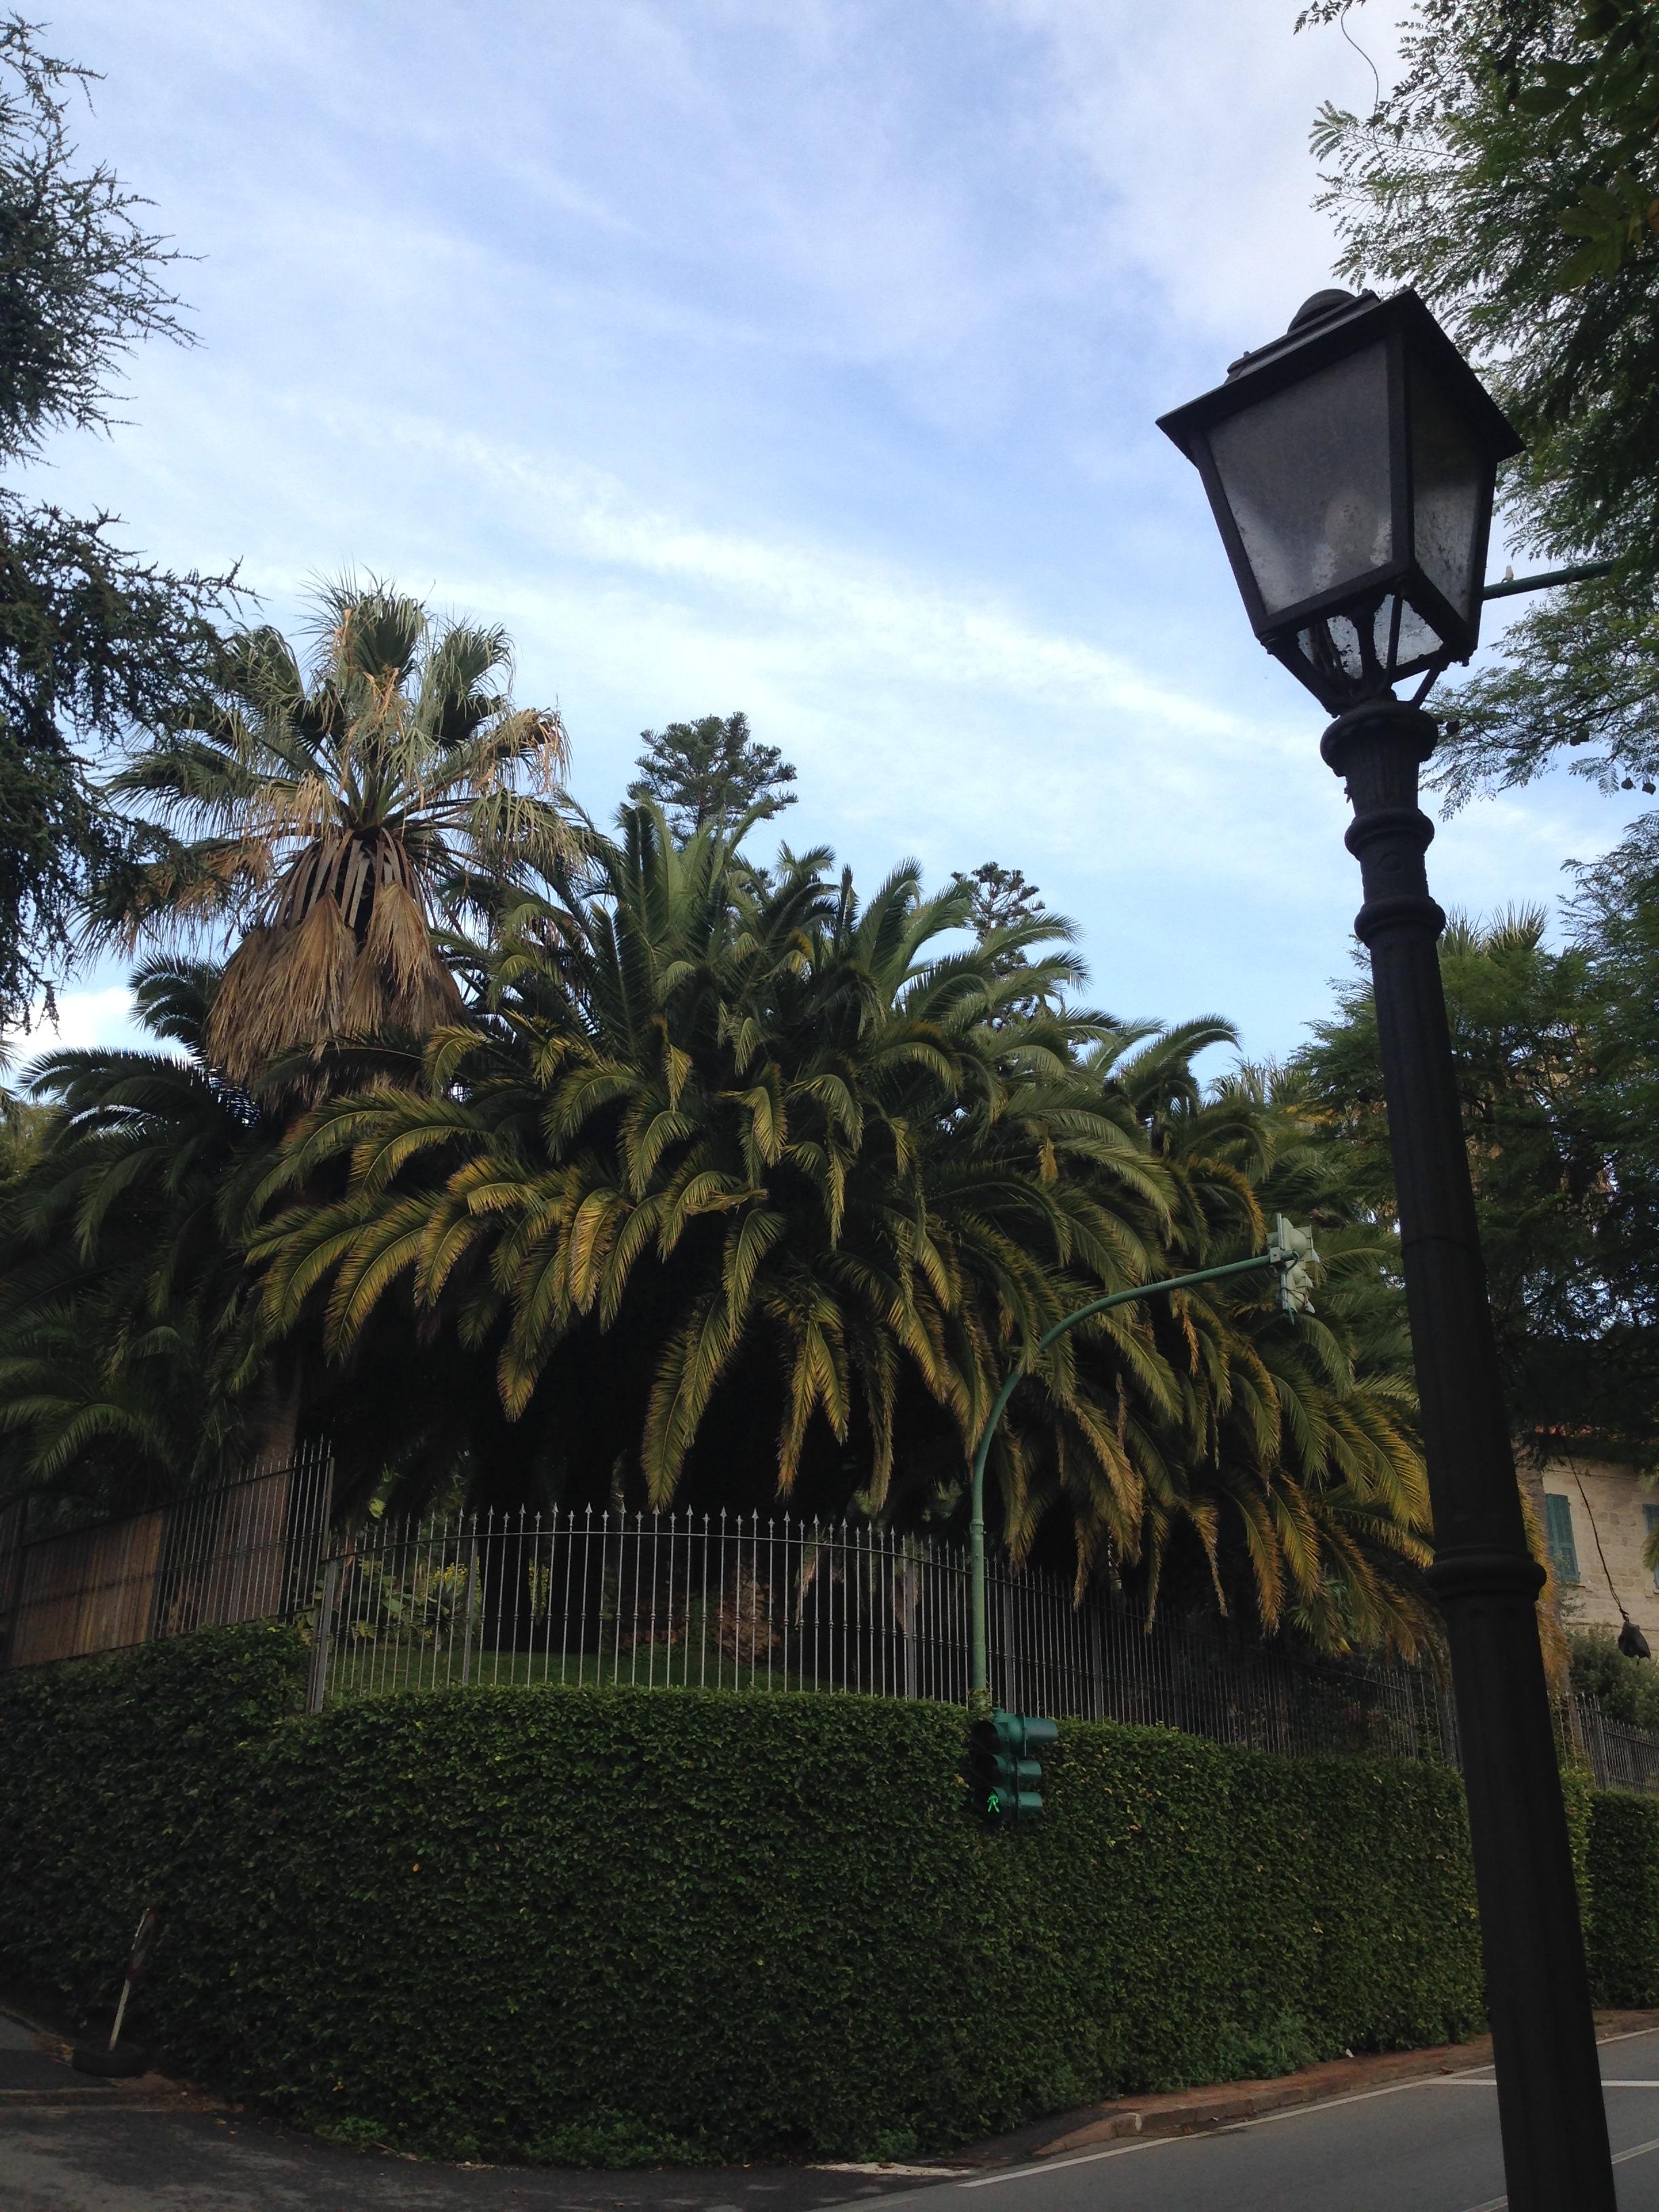 Ancora palme. More palm trees.